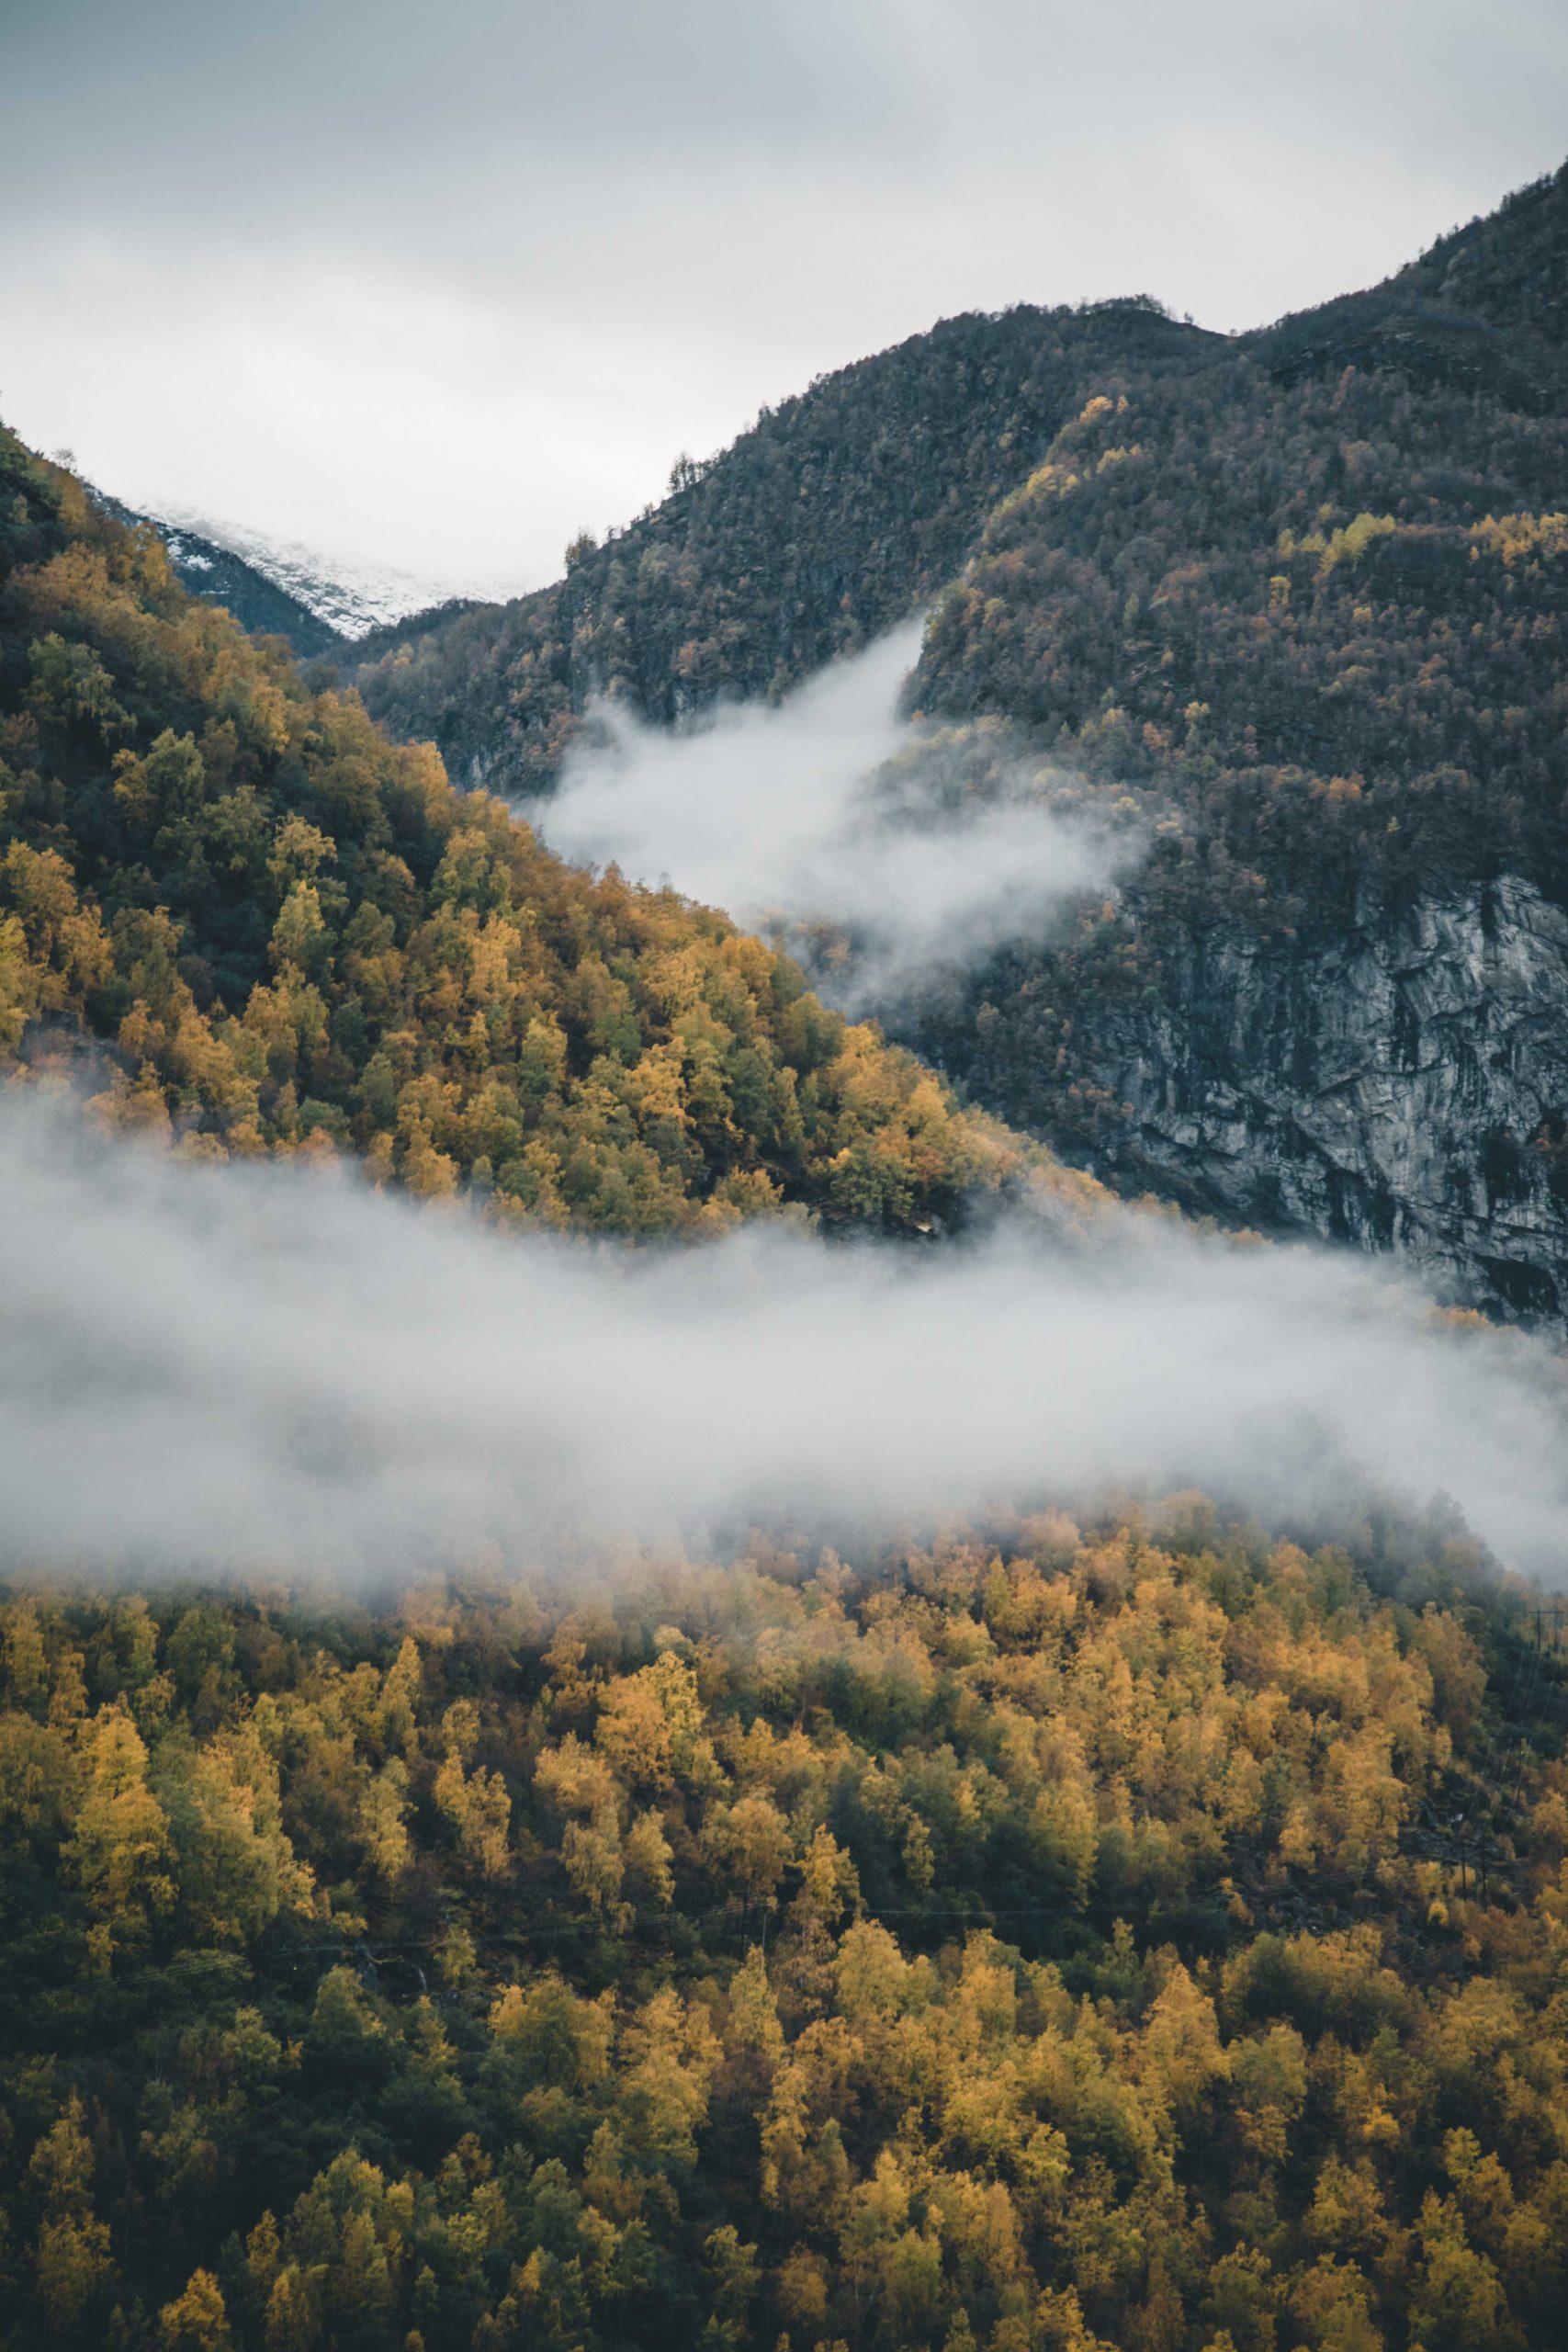 jesień nadfiordami